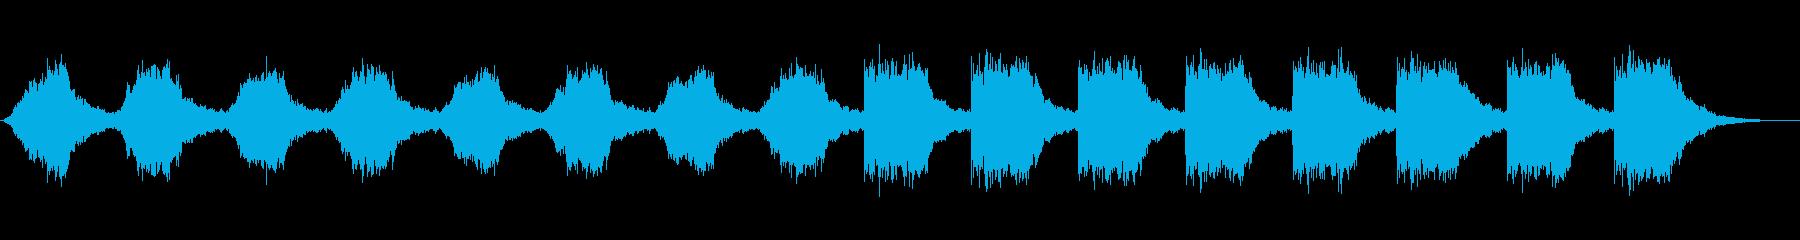 サスペンスやミステリーに適した不気味な曲の再生済みの波形